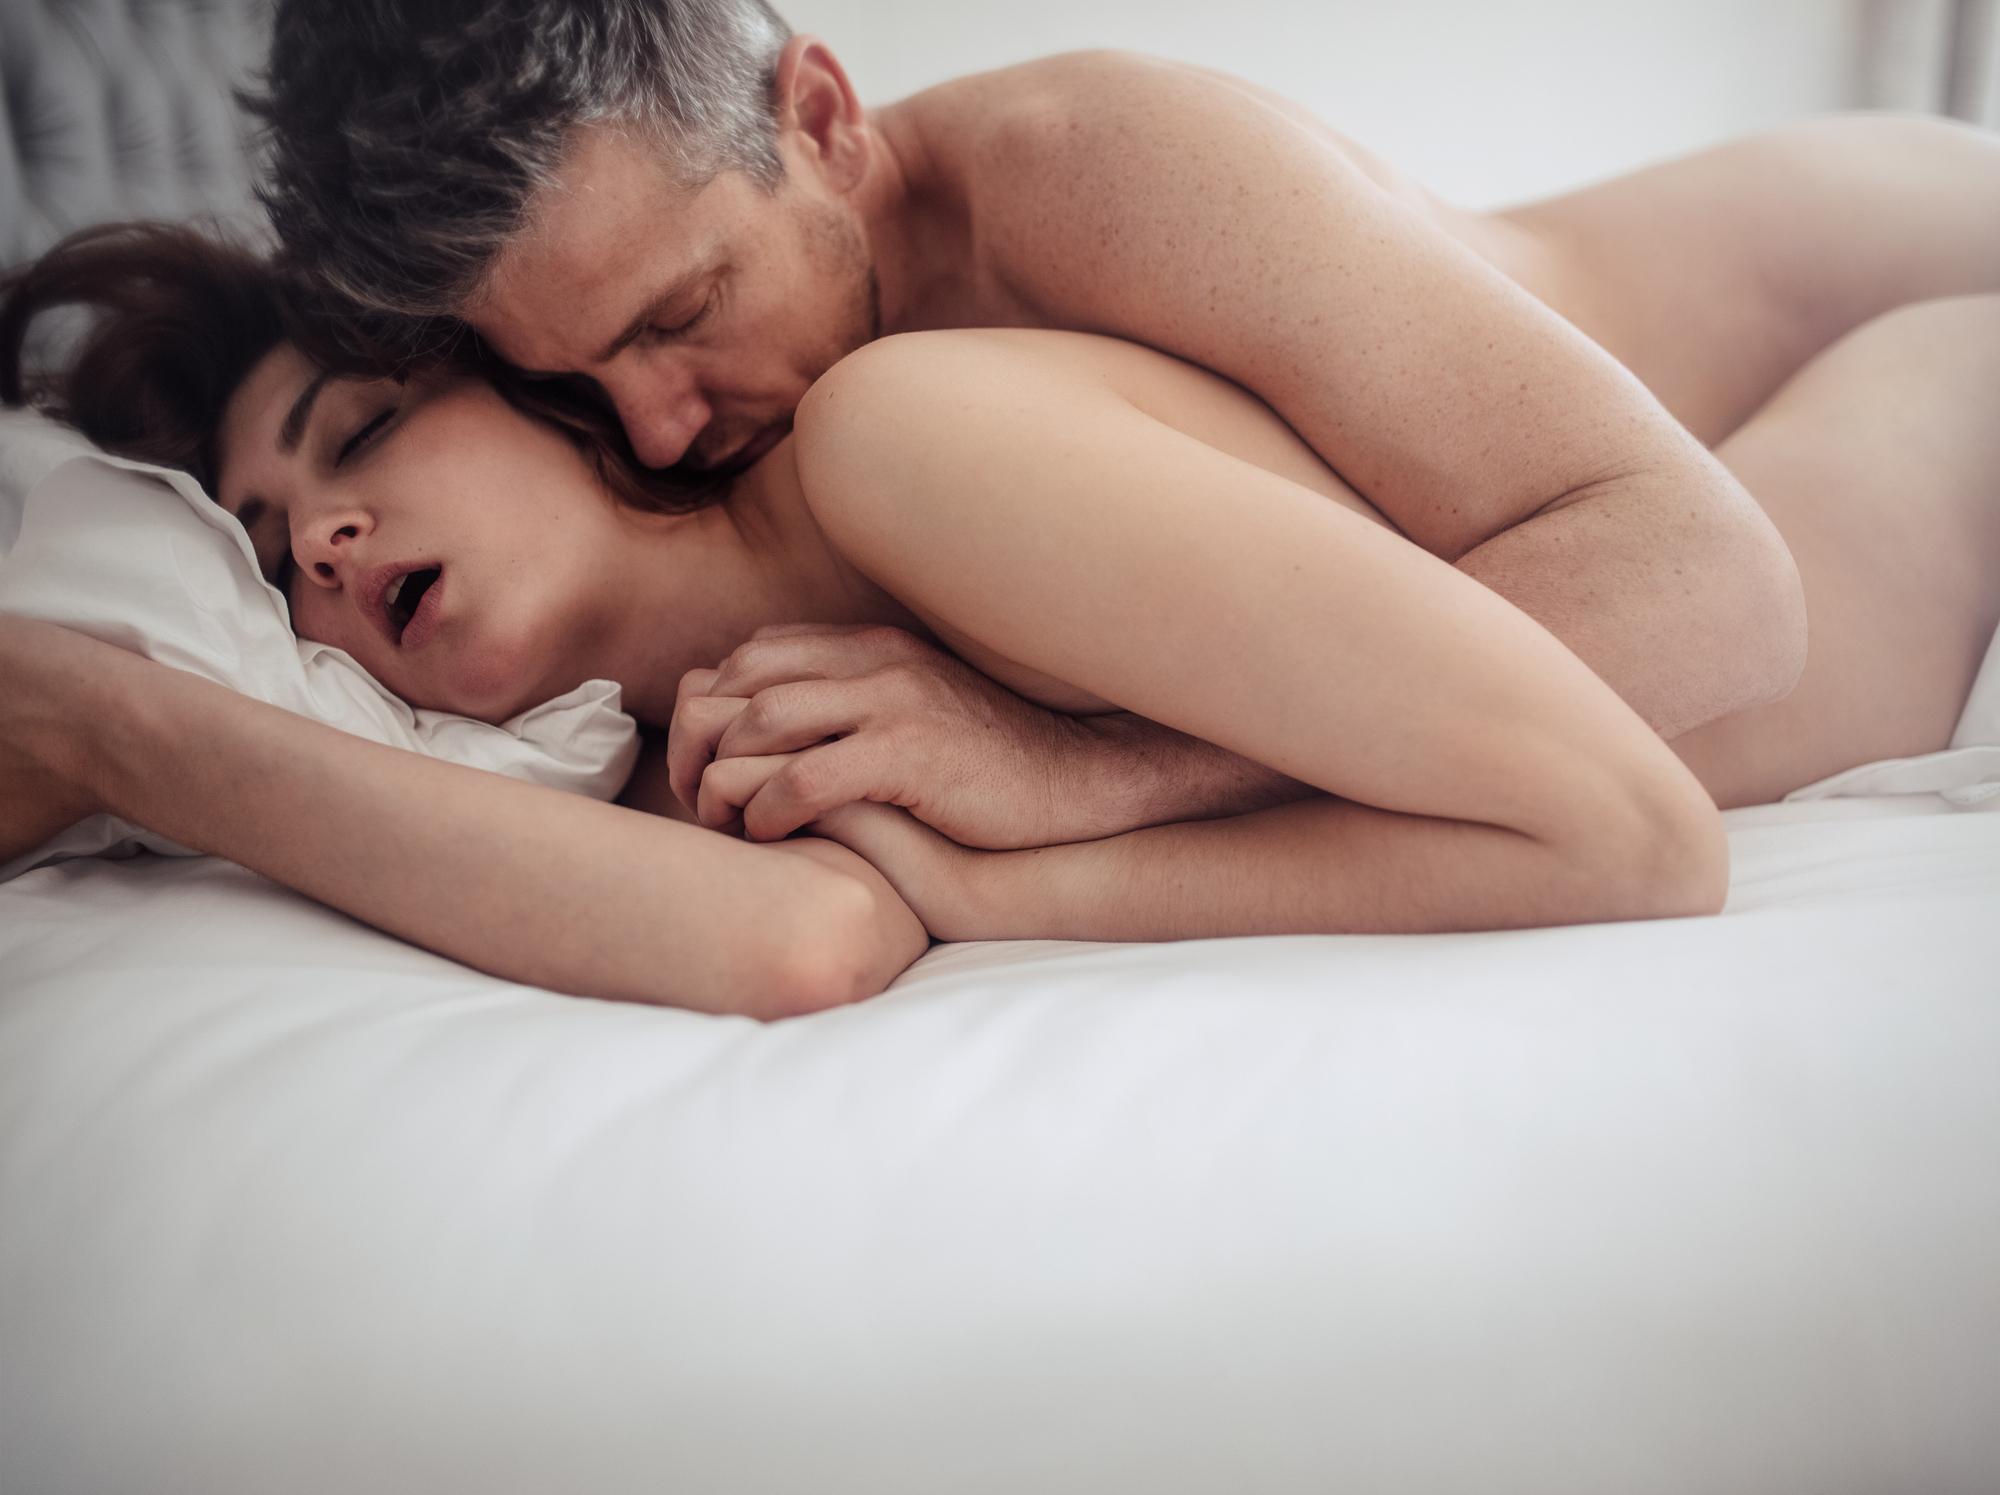 Når Kan Man Ha Samleie Etter Fødsel Familie Sex Noveller